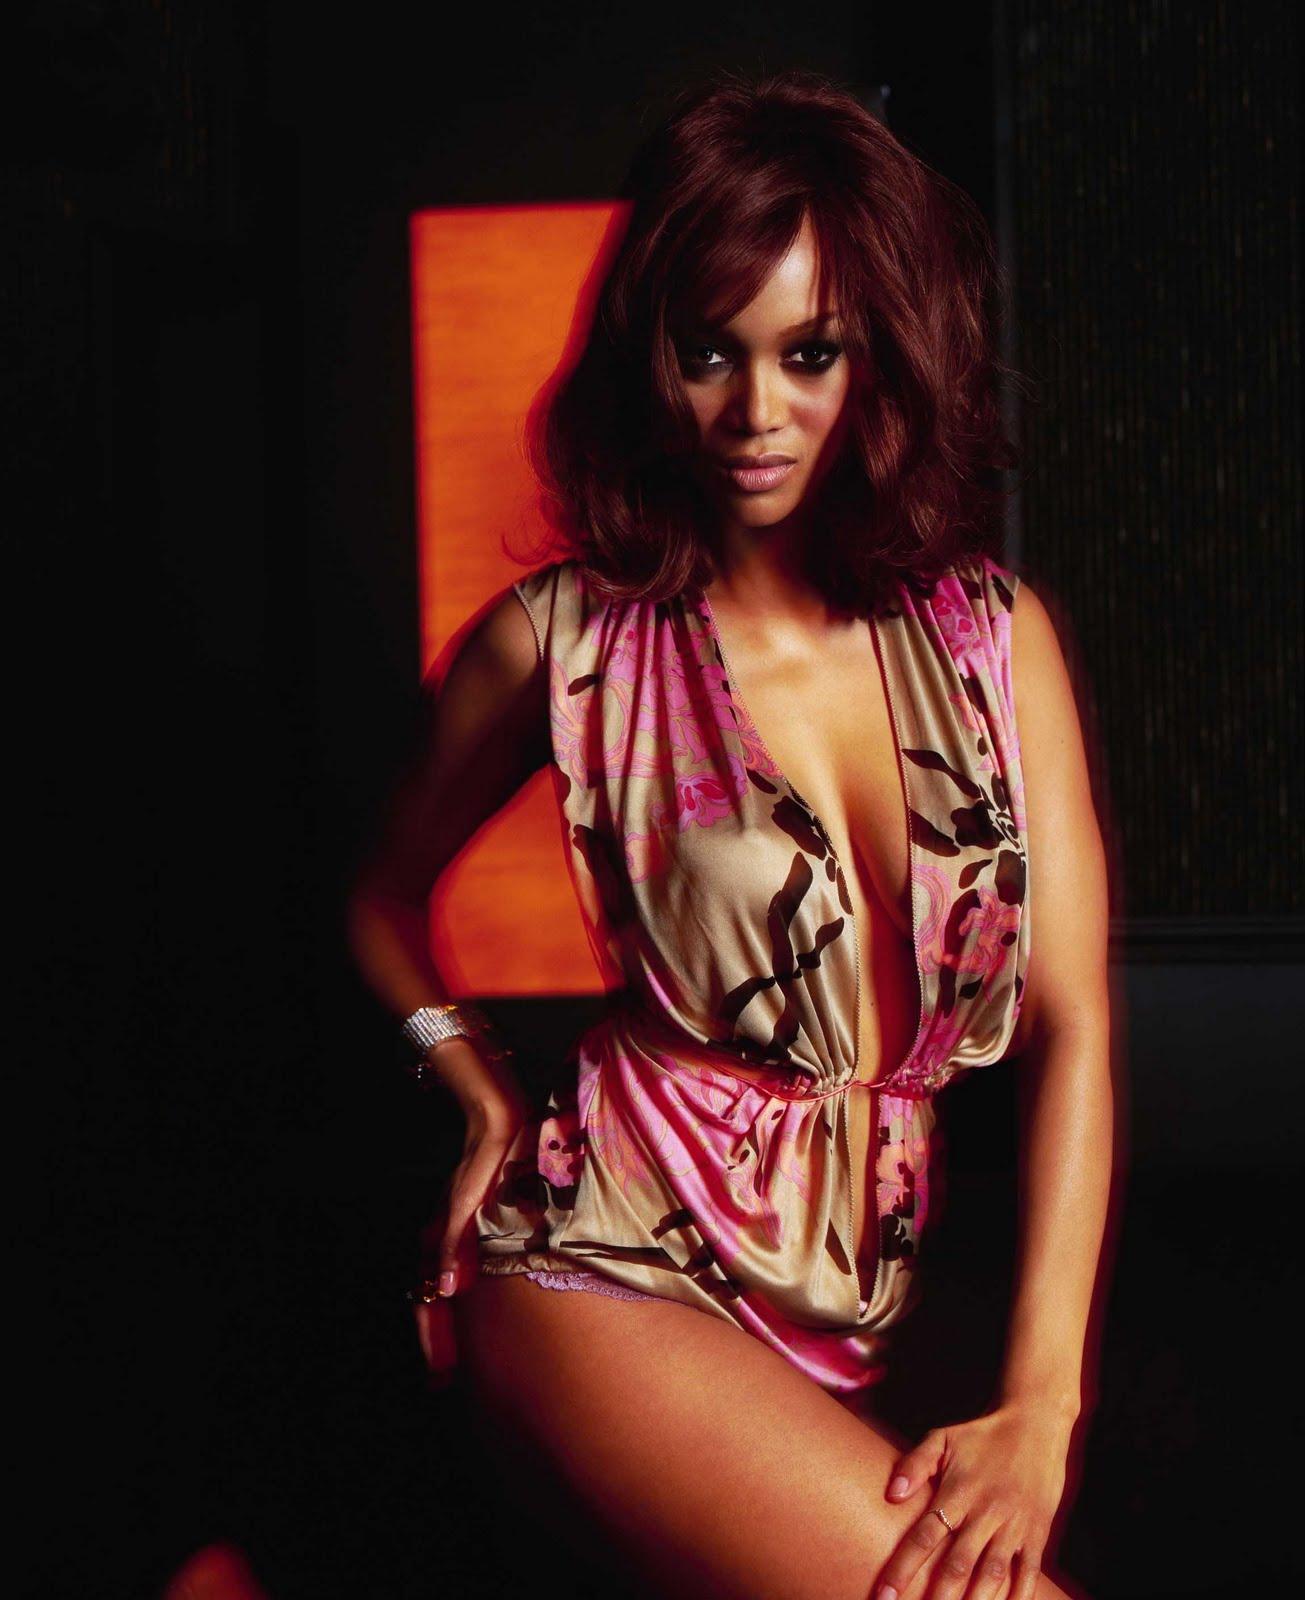 http://1.bp.blogspot.com/_pGTlBw_z2AM/TJYIk1sl5II/AAAAAAAAAFc/r8plesTNG6Y/s1600/Tyra_Banks_9.jpg